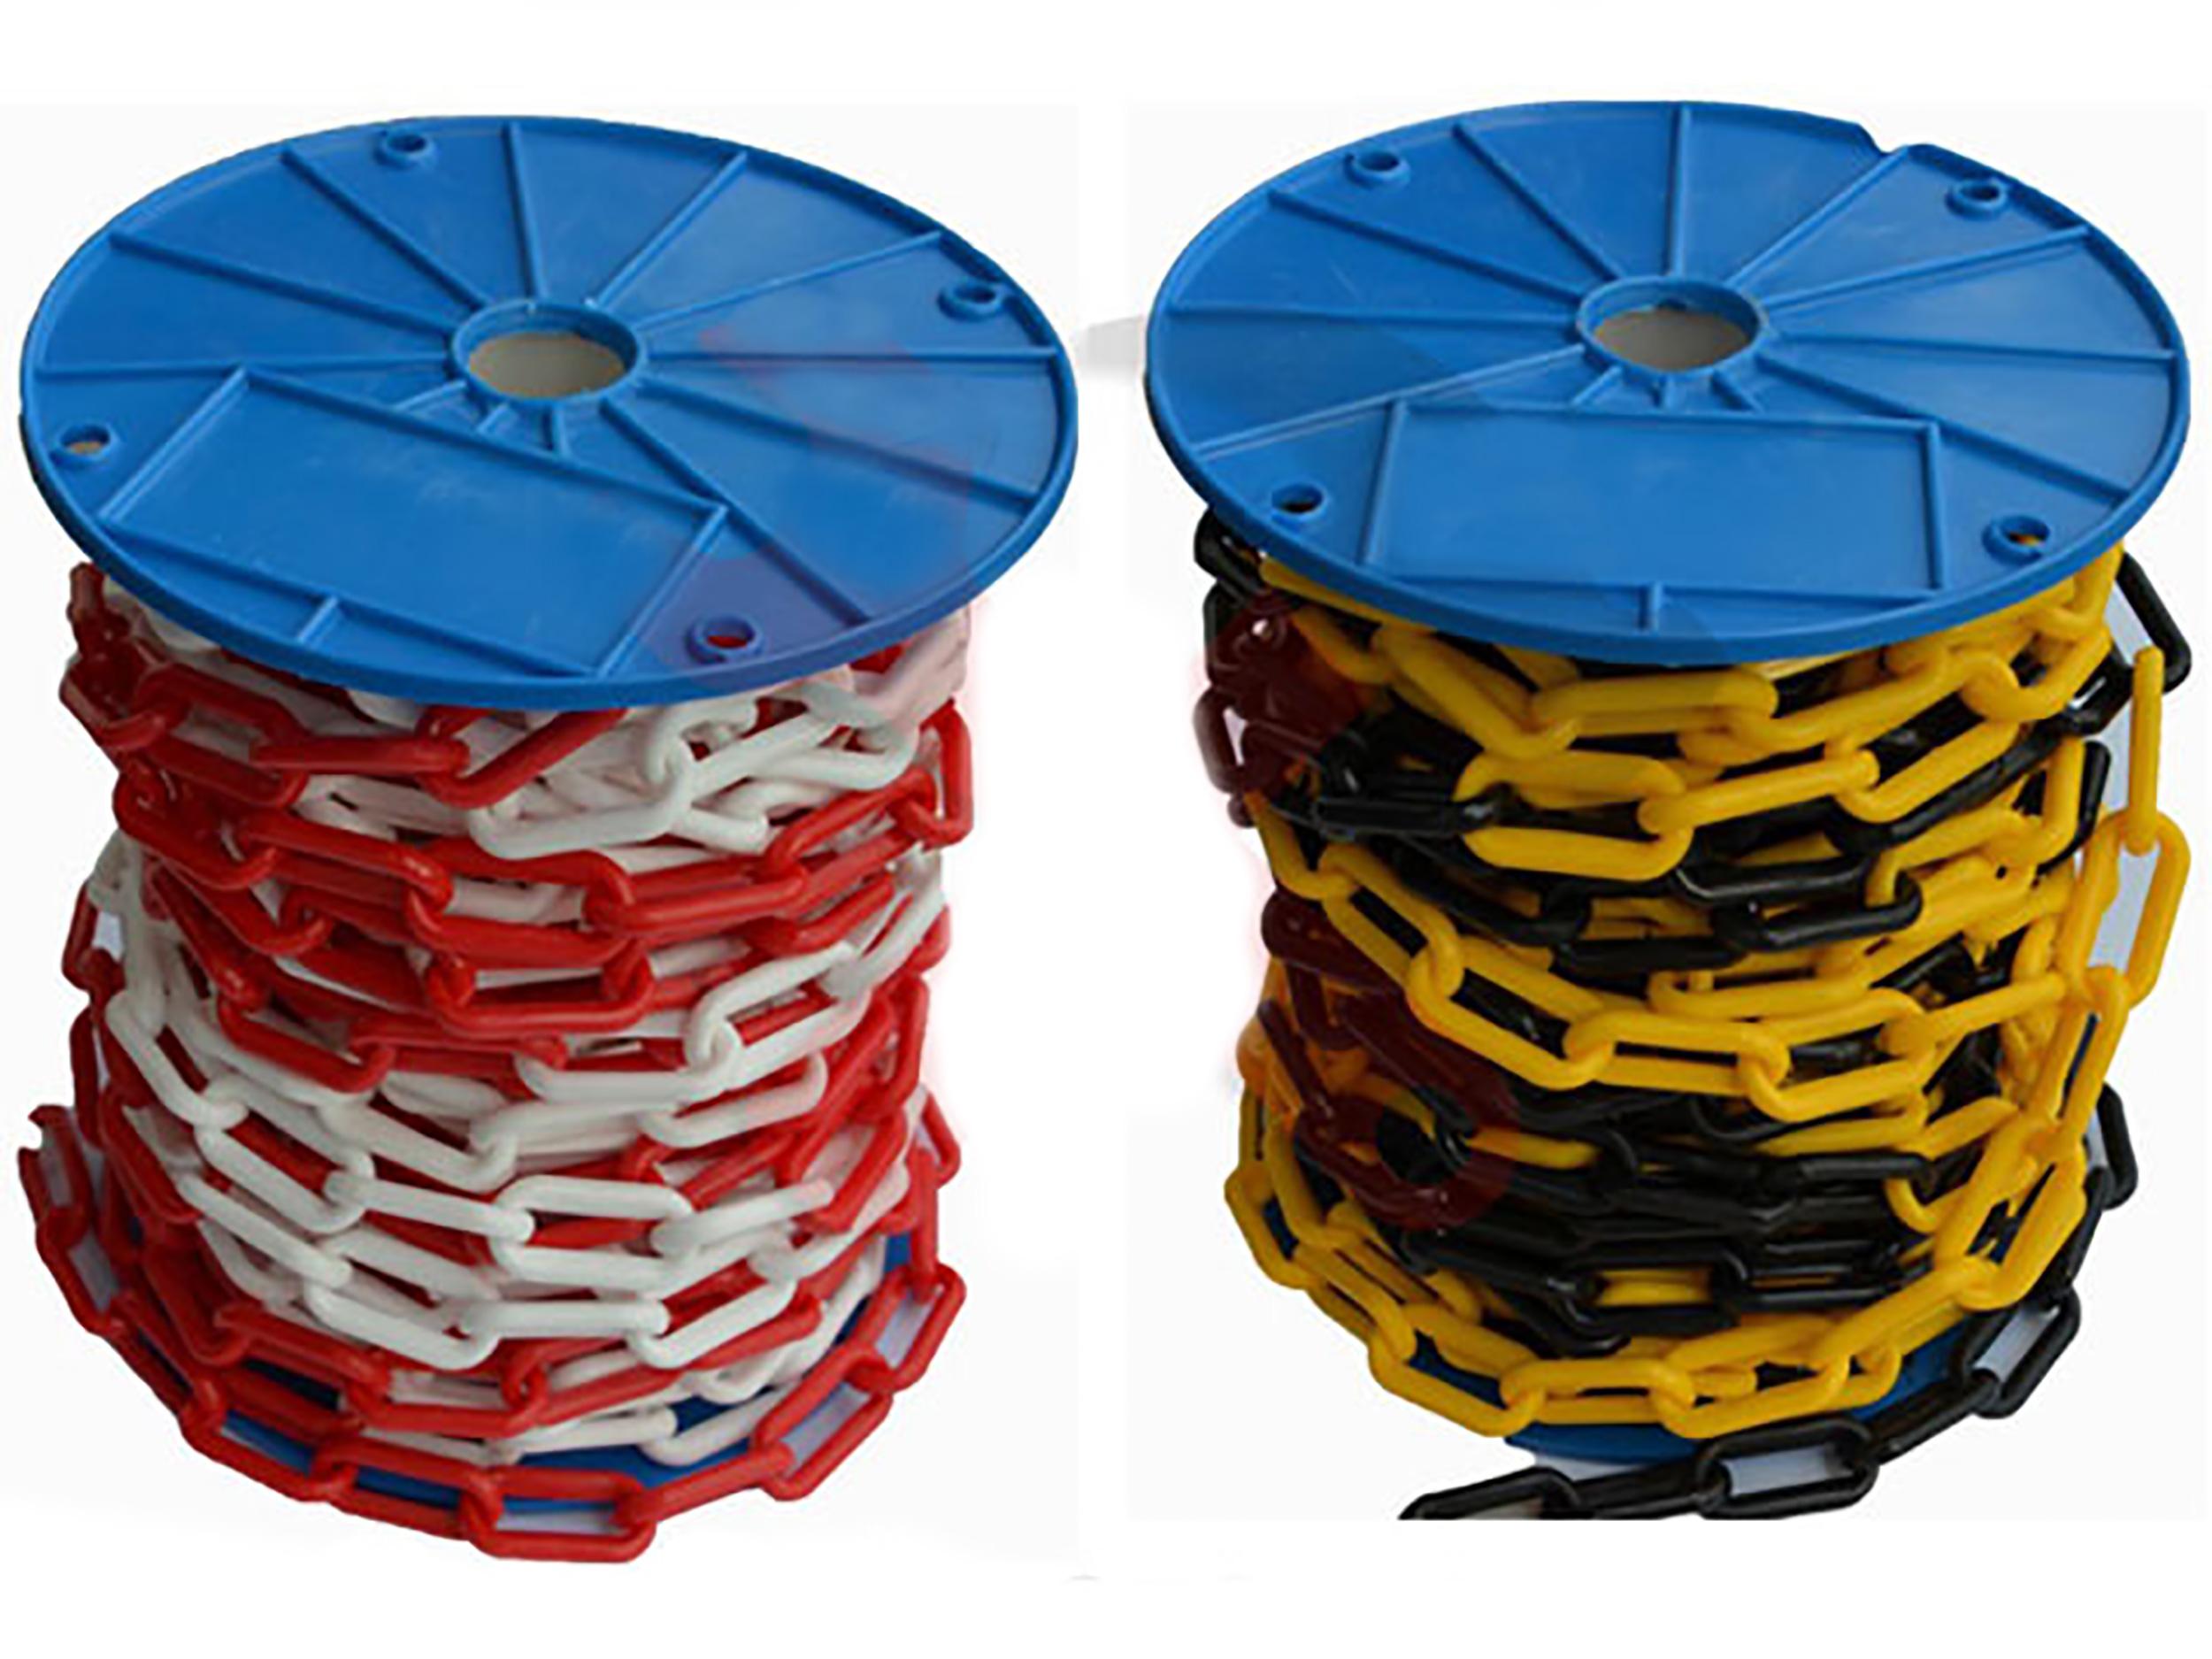 ŁAŃCUCH PLASTIKOWY OSTRZEGAWCZY 6 mm NA METRY PROM